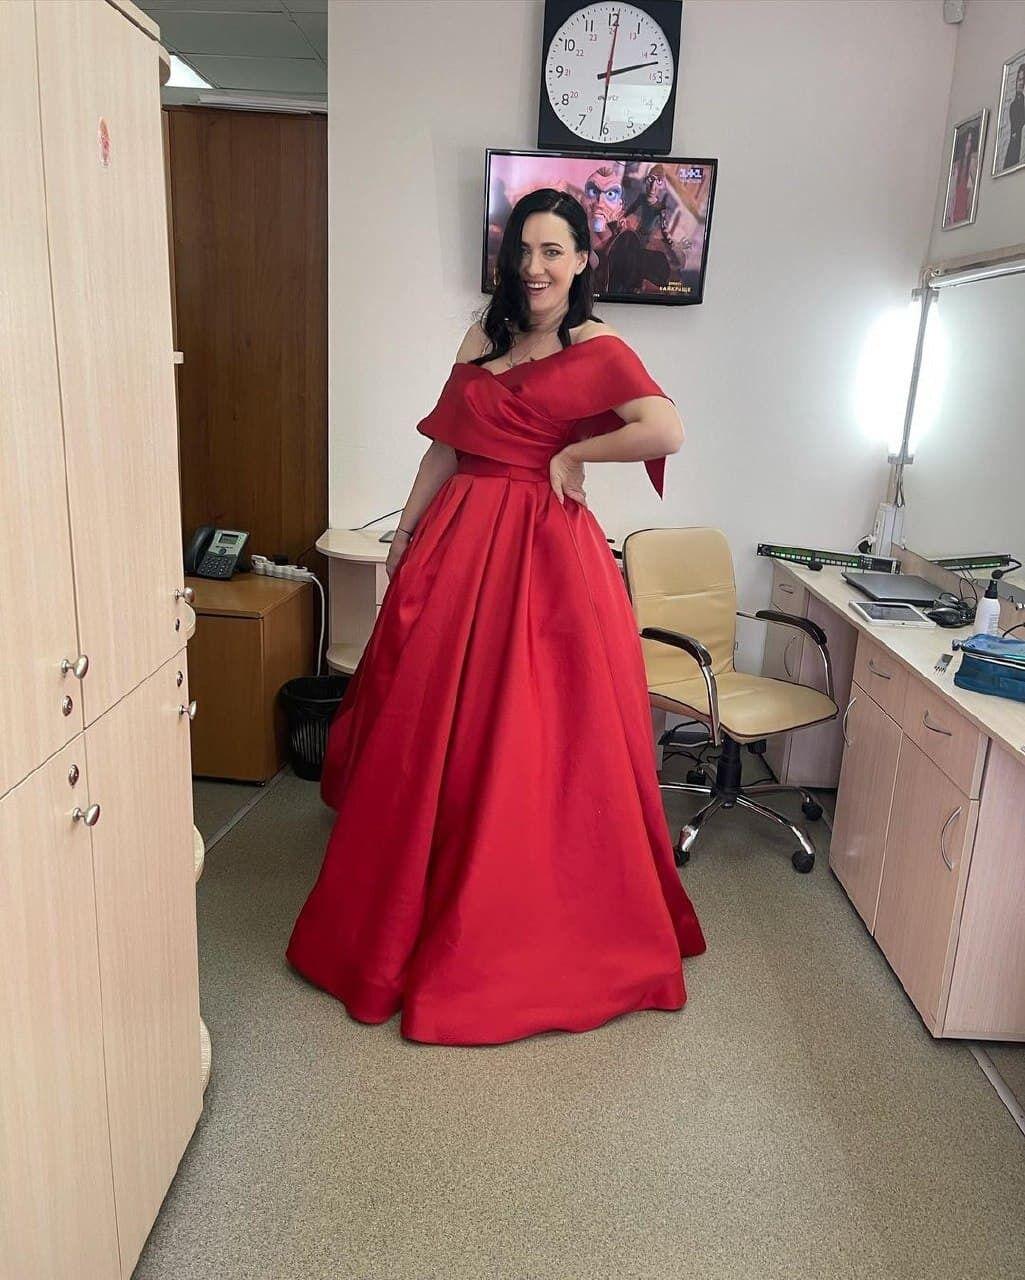 Соломия Витвицкая в платье